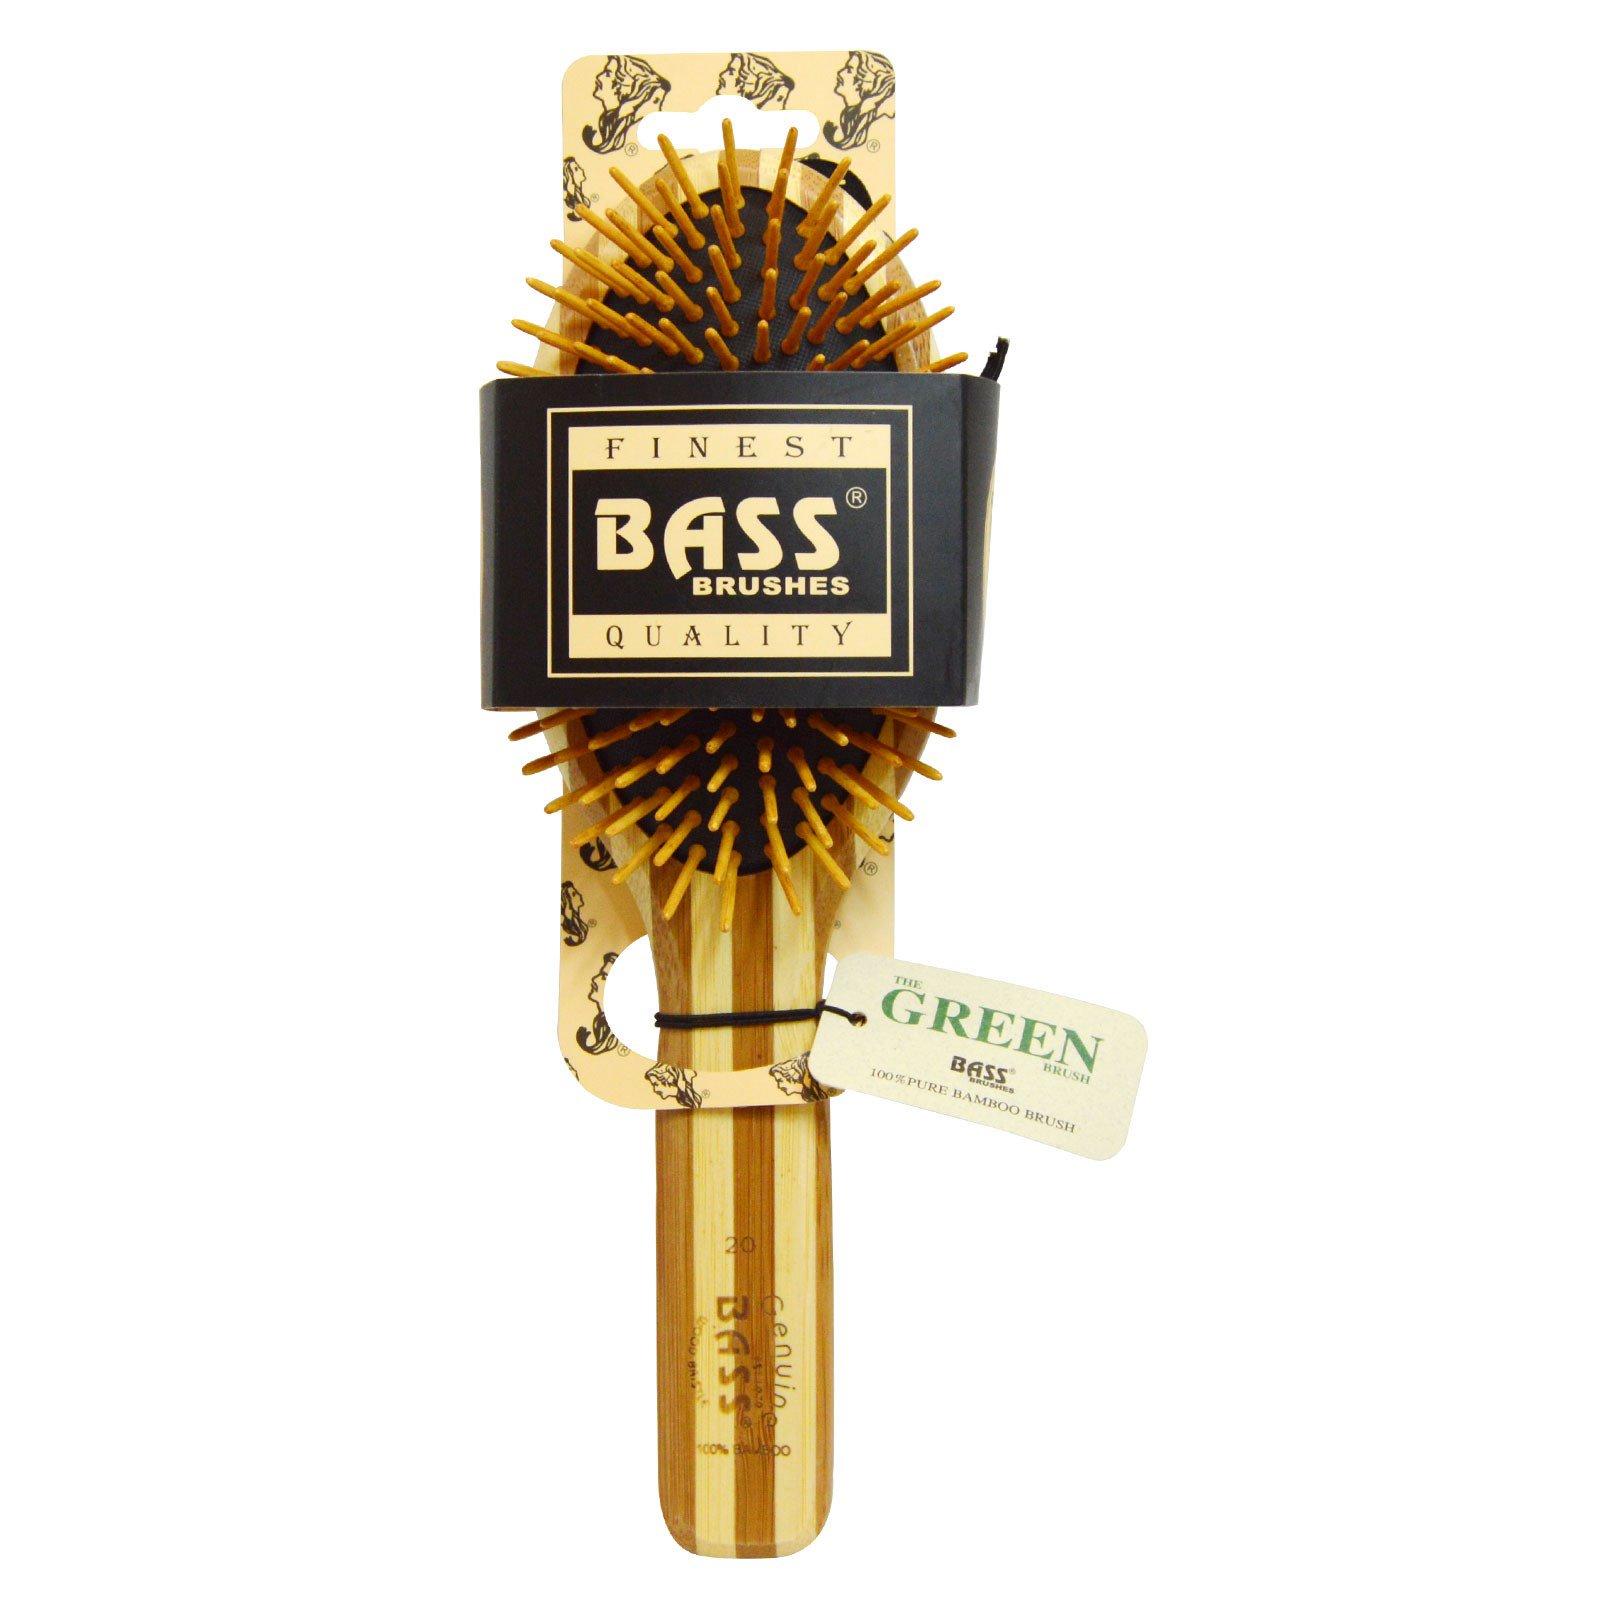 Bass Brushes, 特大オーバル, ヘアブラシ, クッション性, 外皮を剥いだ竹の柄のウッドブリストル, 1ヘアブラシ